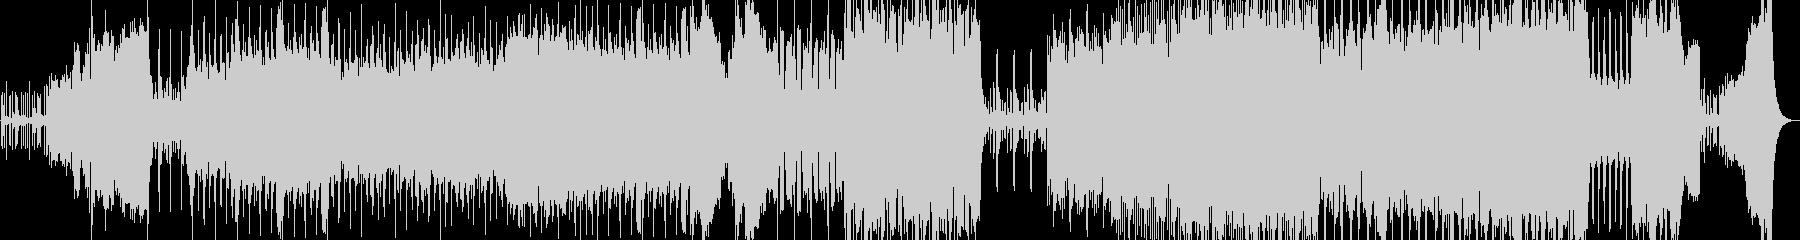 オーケストラハロウィンオープニングの未再生の波形